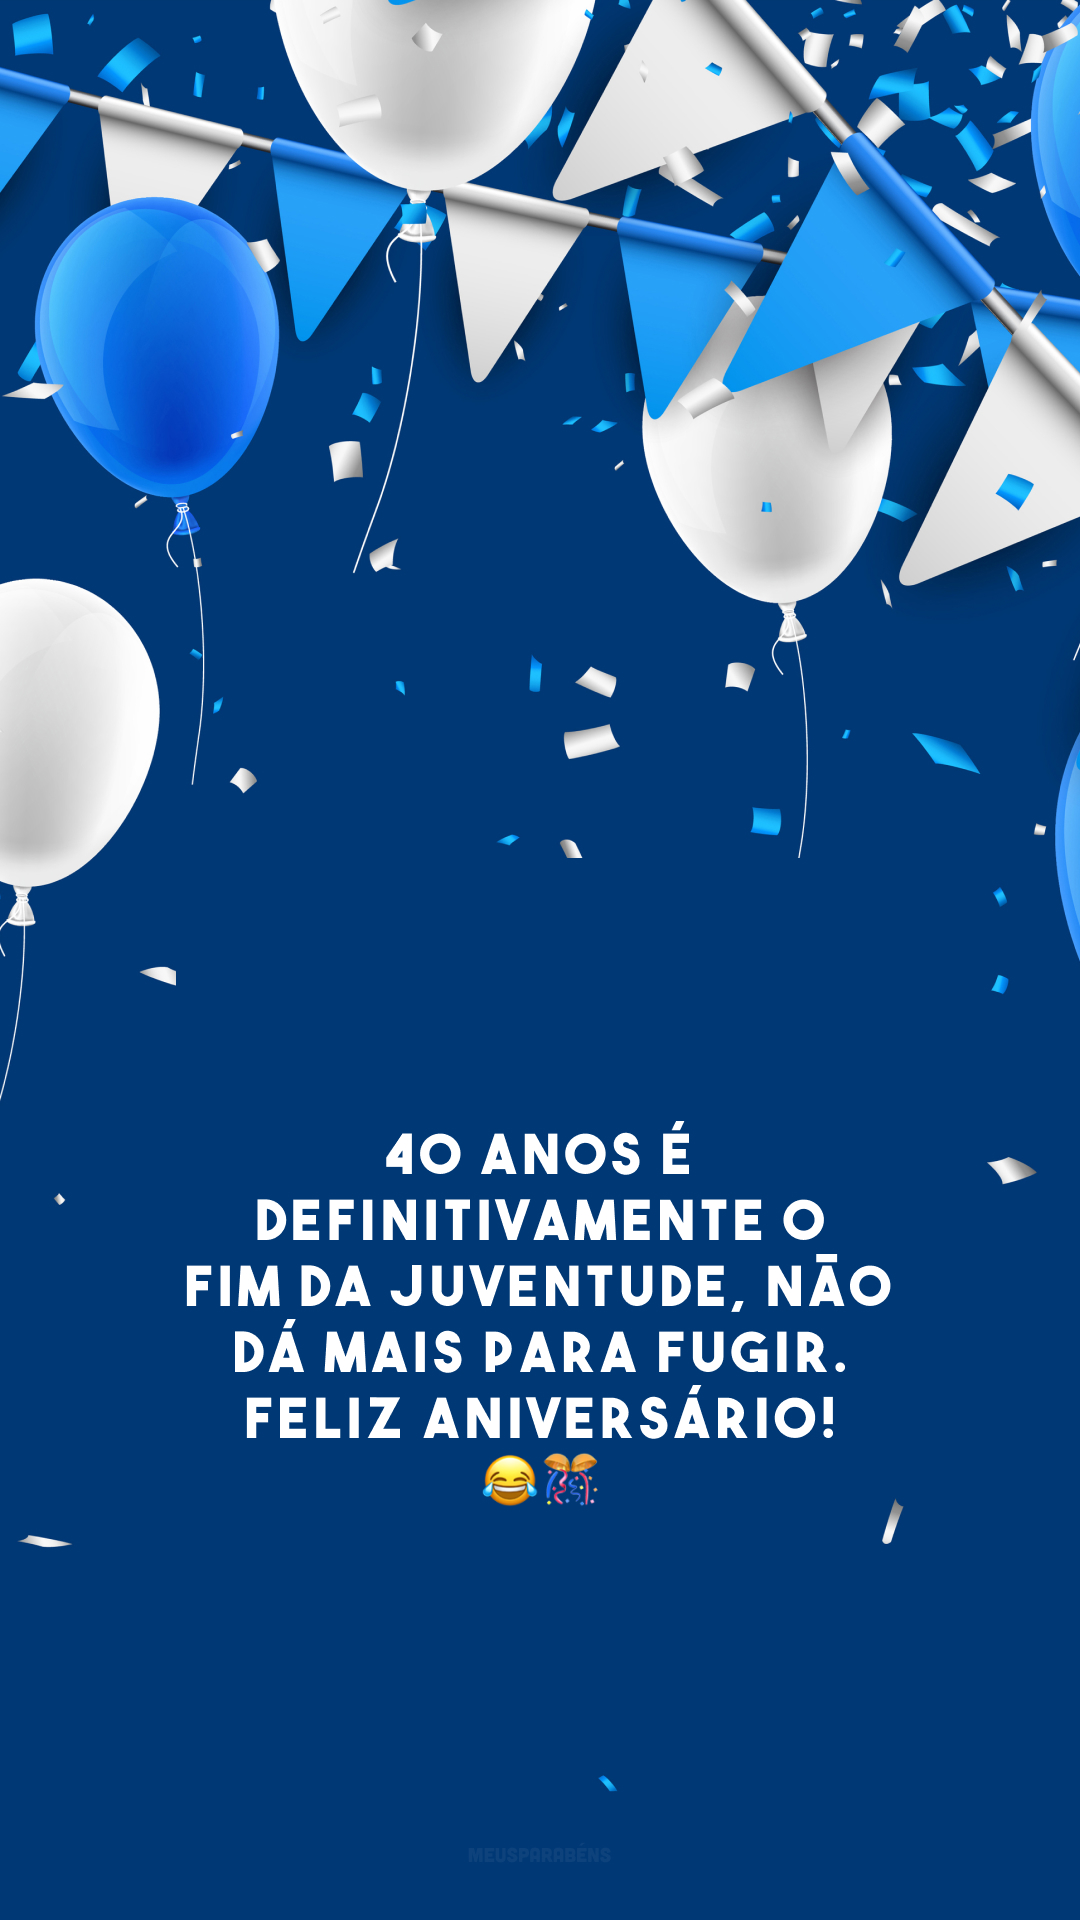 40 anos é definitivamente o fim da juventude, não dá mais para fugir. Feliz aniversário! 😂🎊